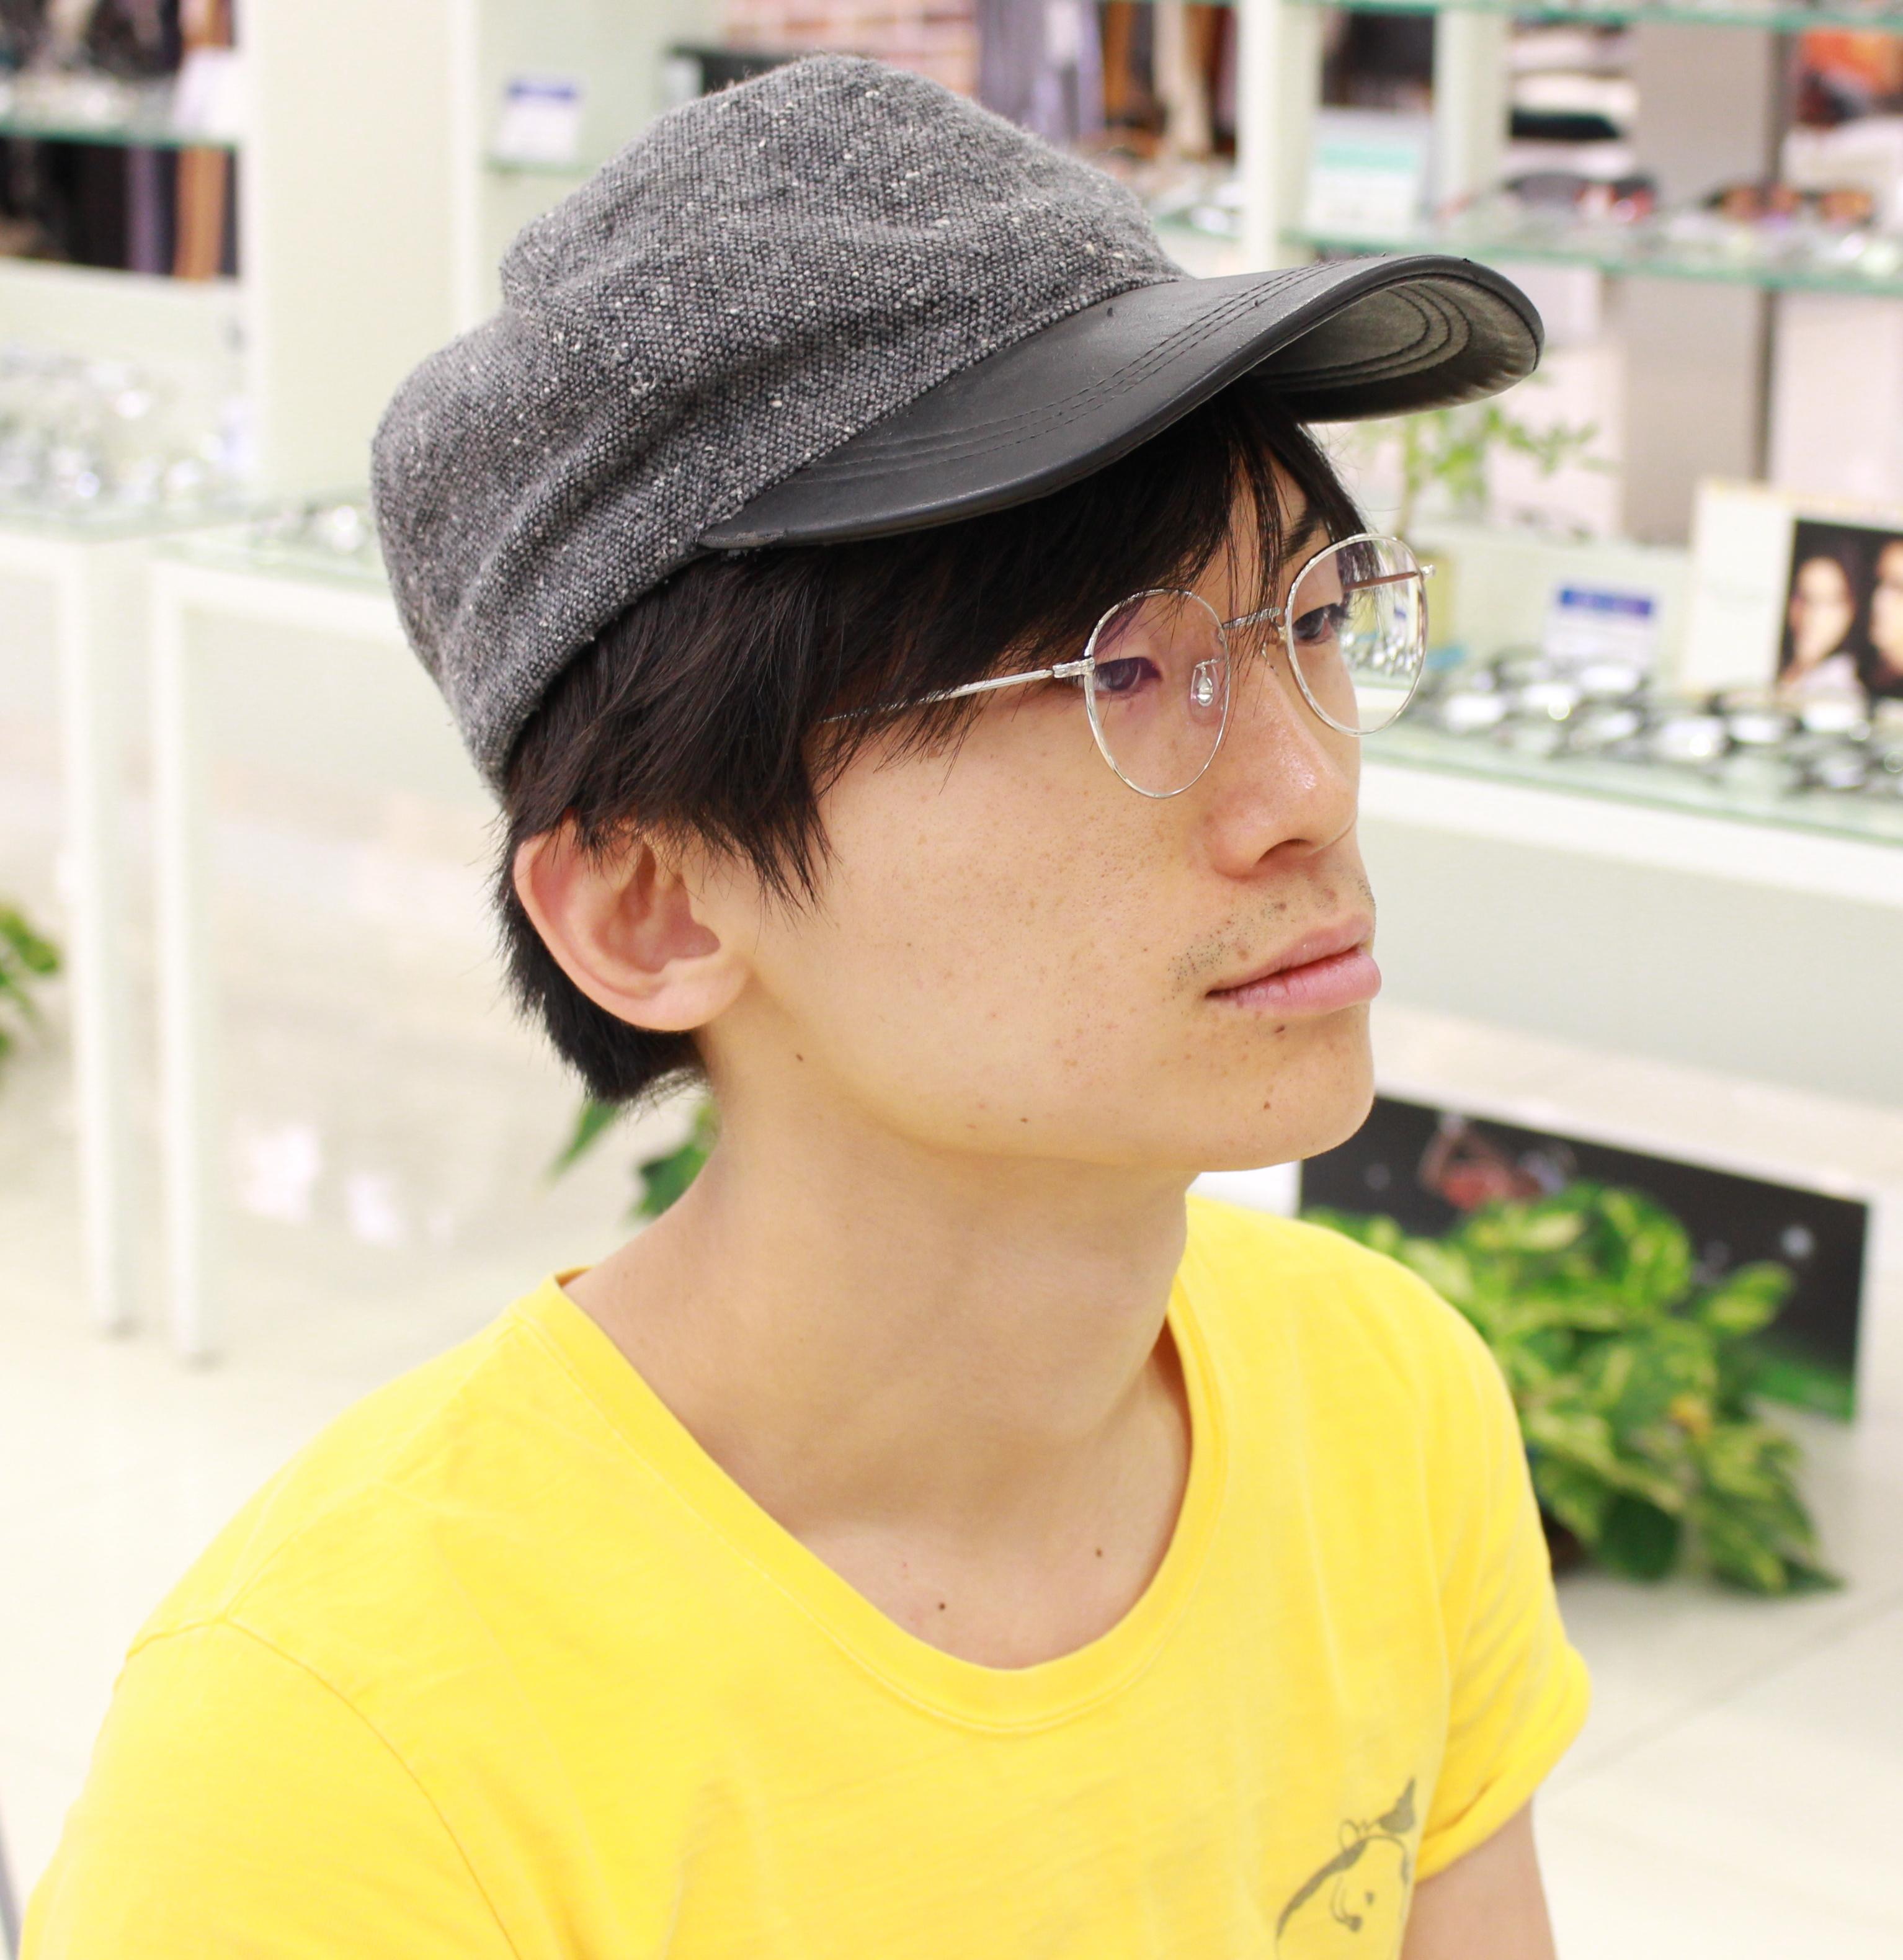 武蔵野市 メガネ 口コミ 評判 H-Fusion クラッシク